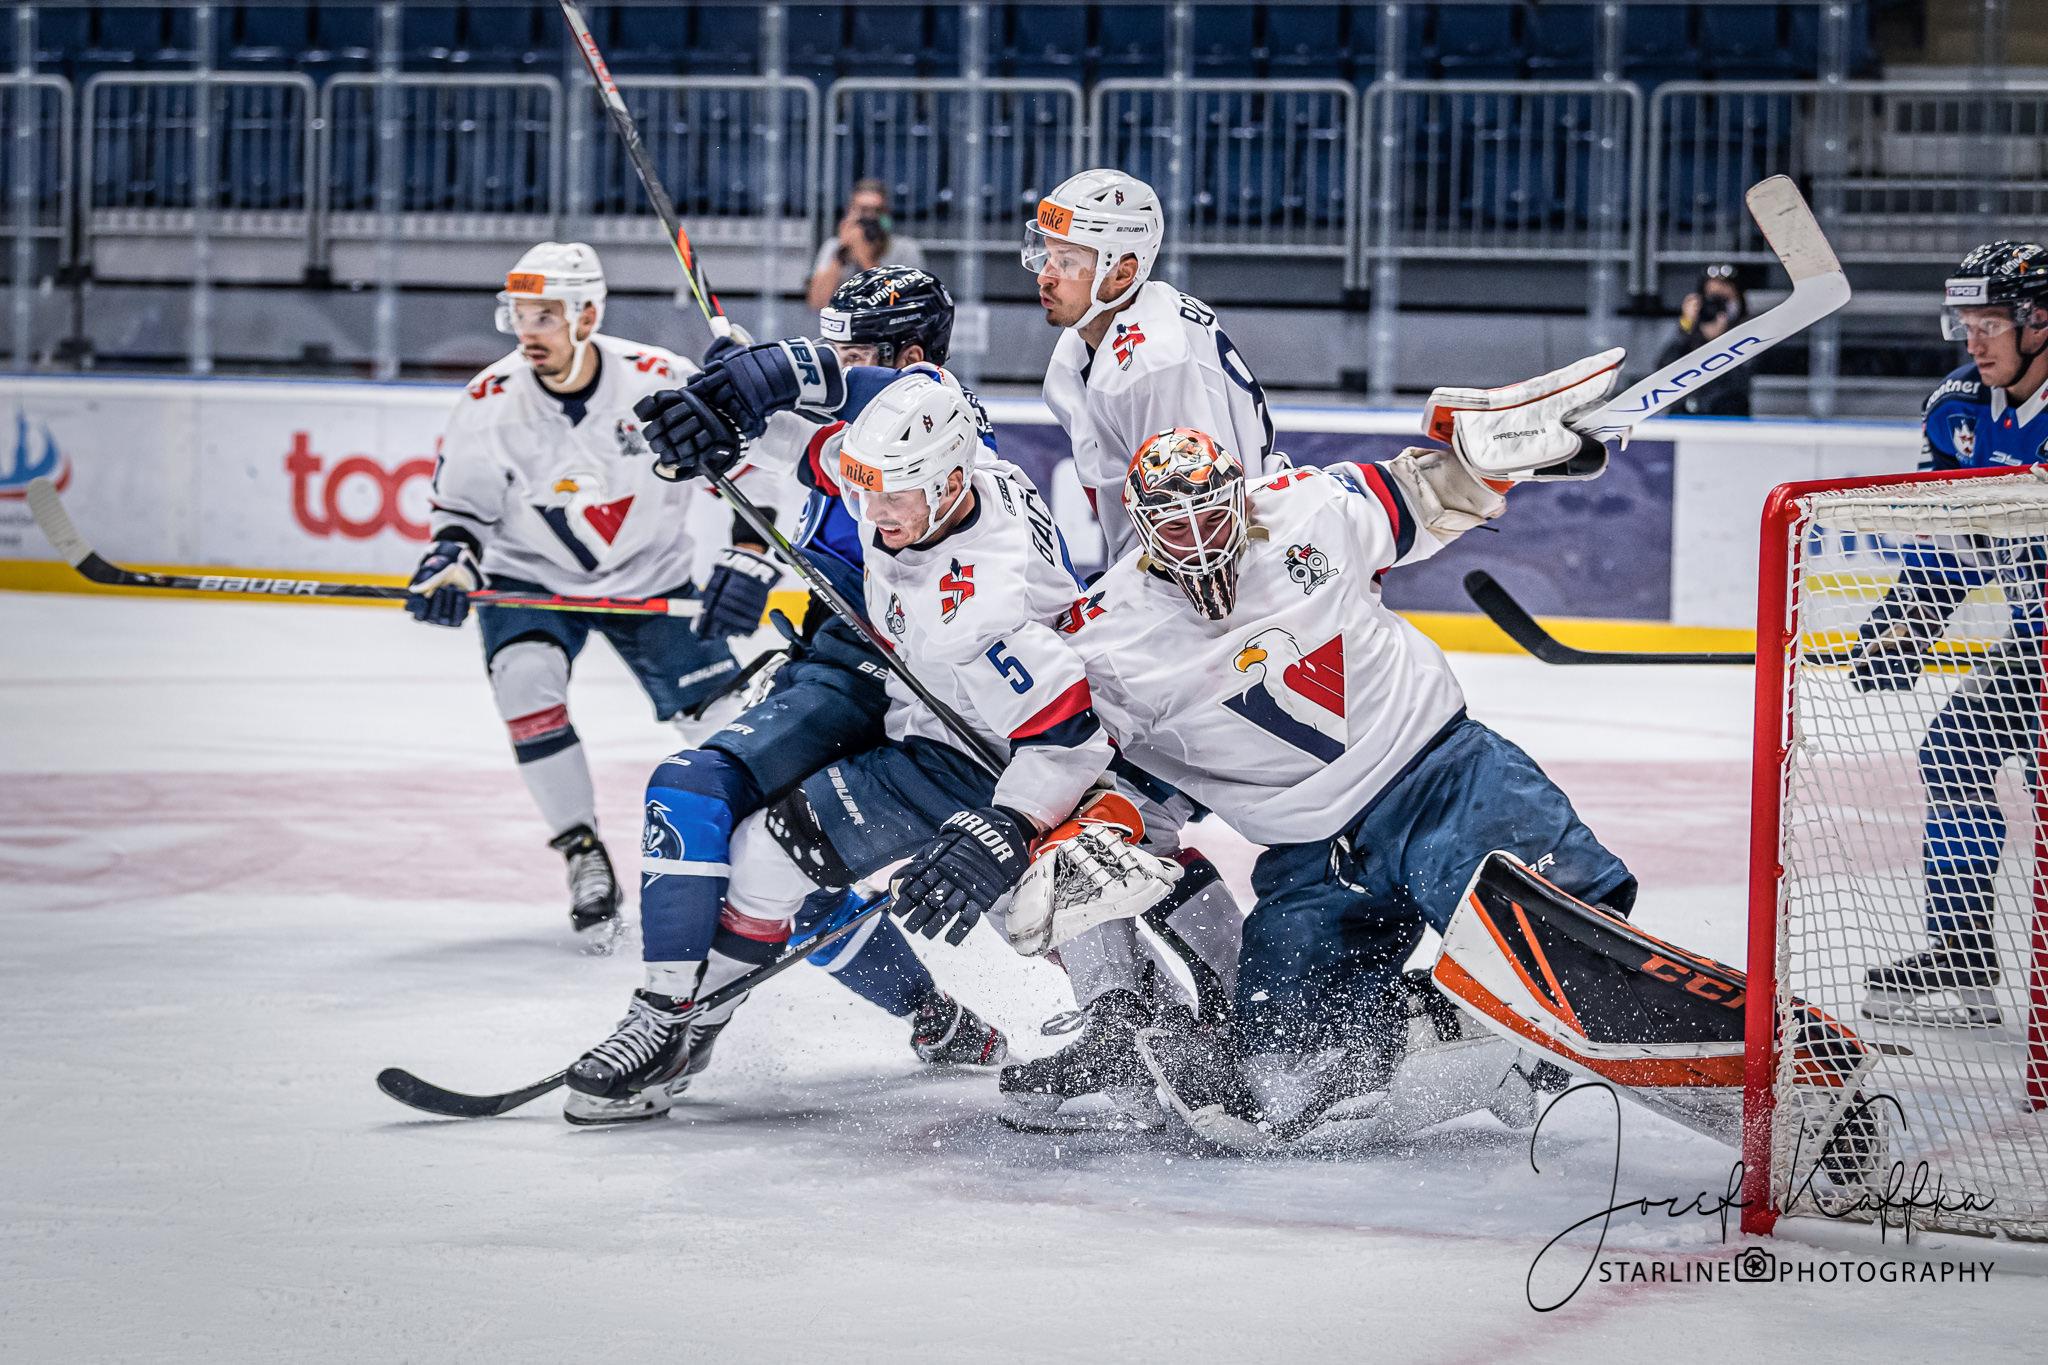 Hokejový zápas HC Slovan Bratislava - HK Poprad v rámci Tipos Extraliga